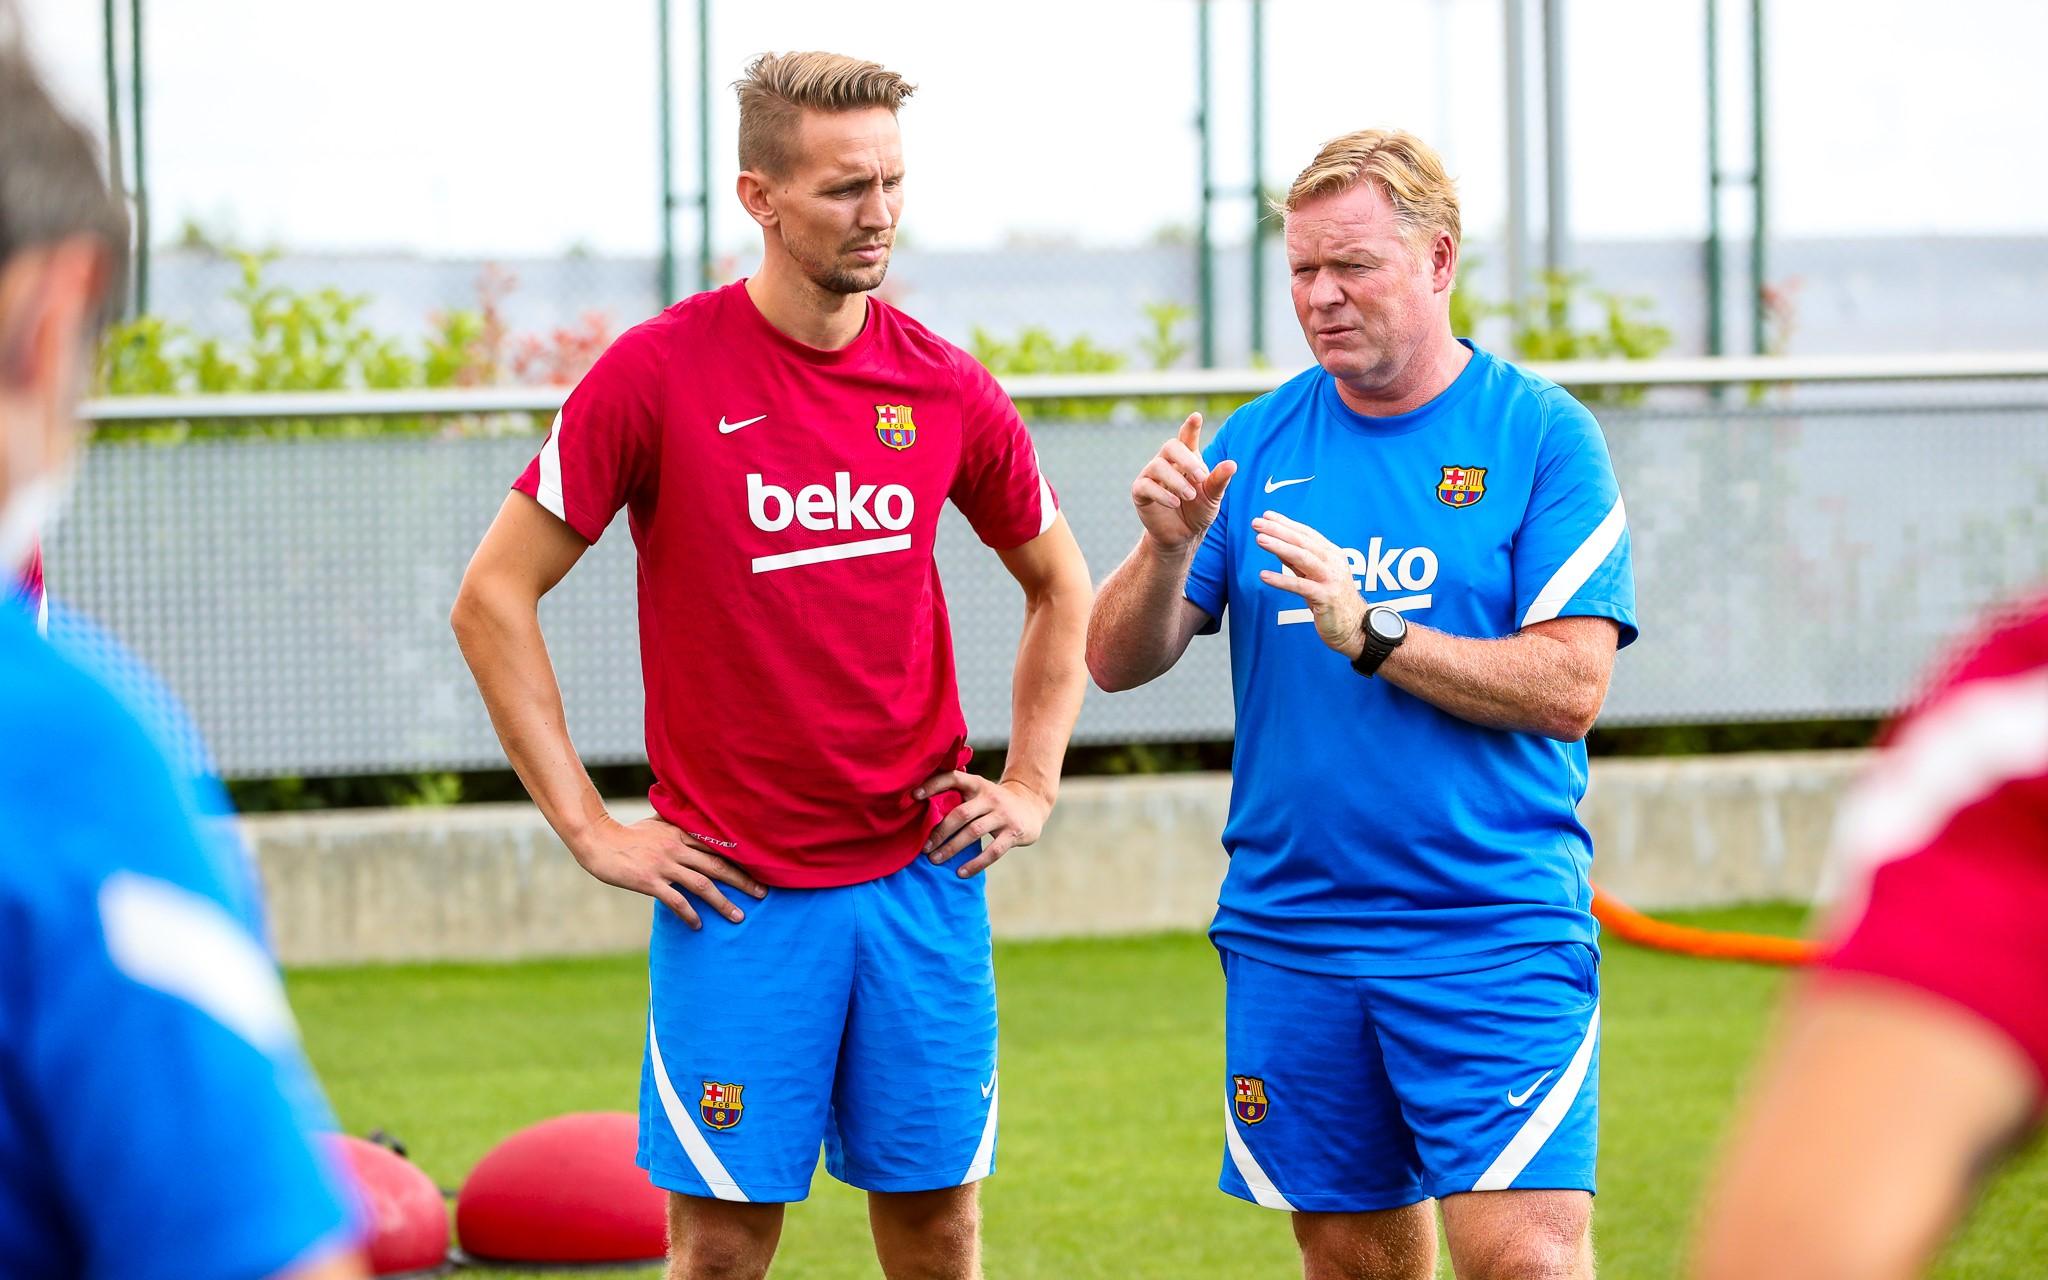 برشلونة يعطي فرصة أخيرة لرونالد كومان قبل الإقالة